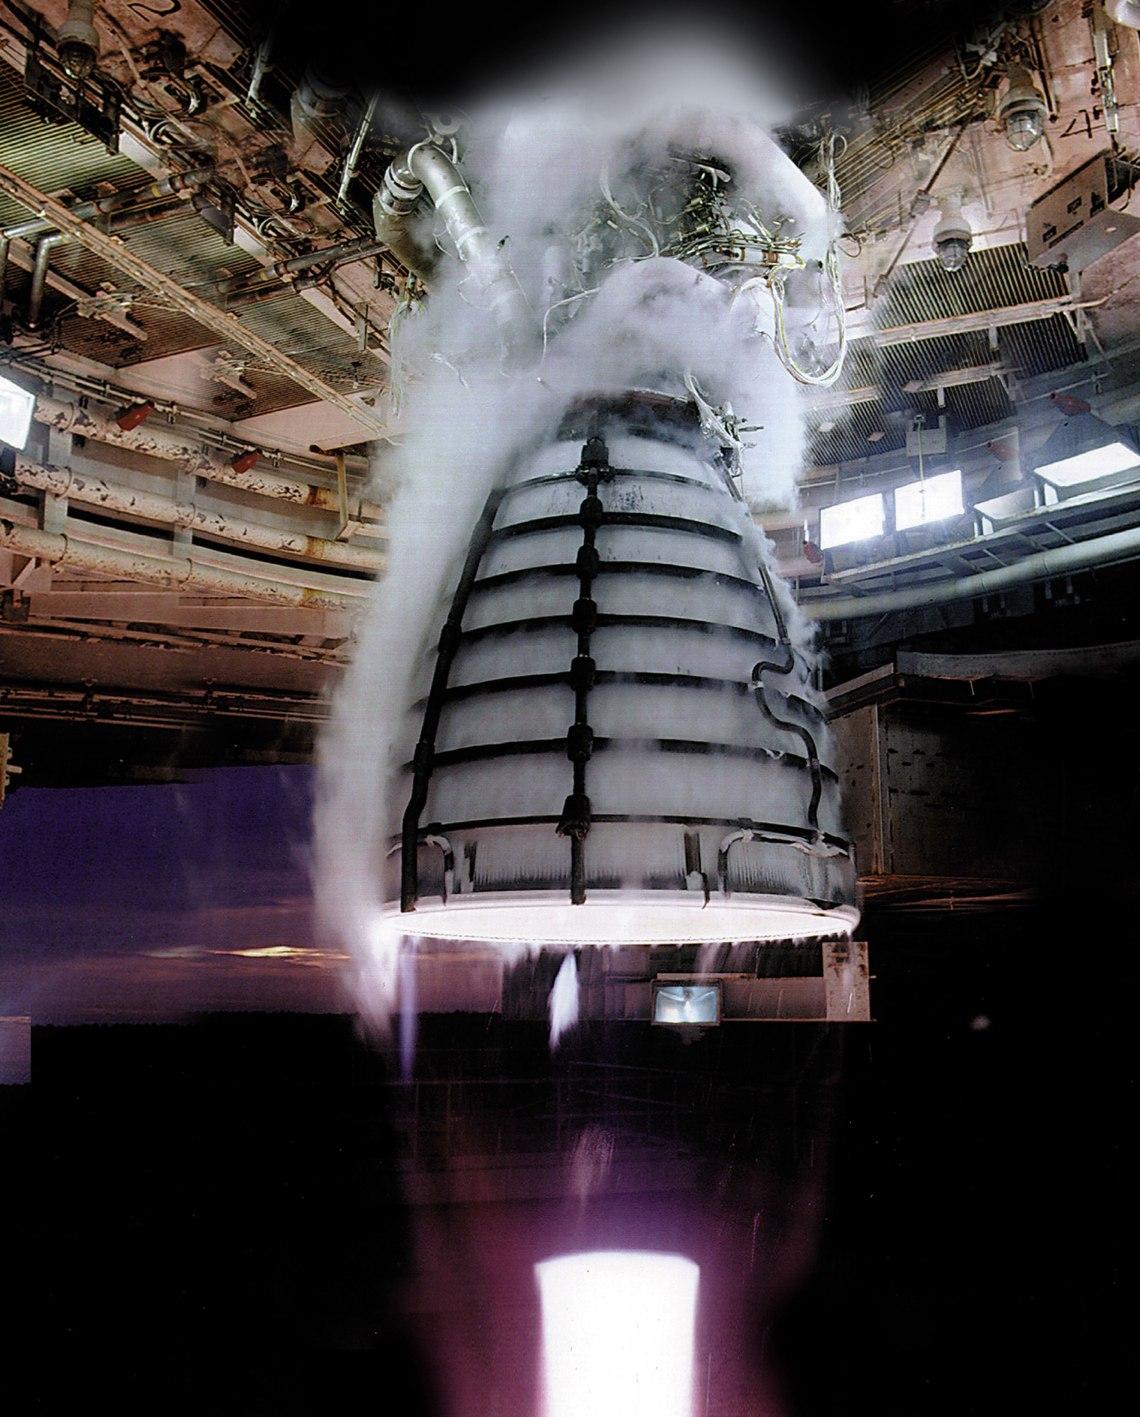 Credit: Aerojet Rocketdyne